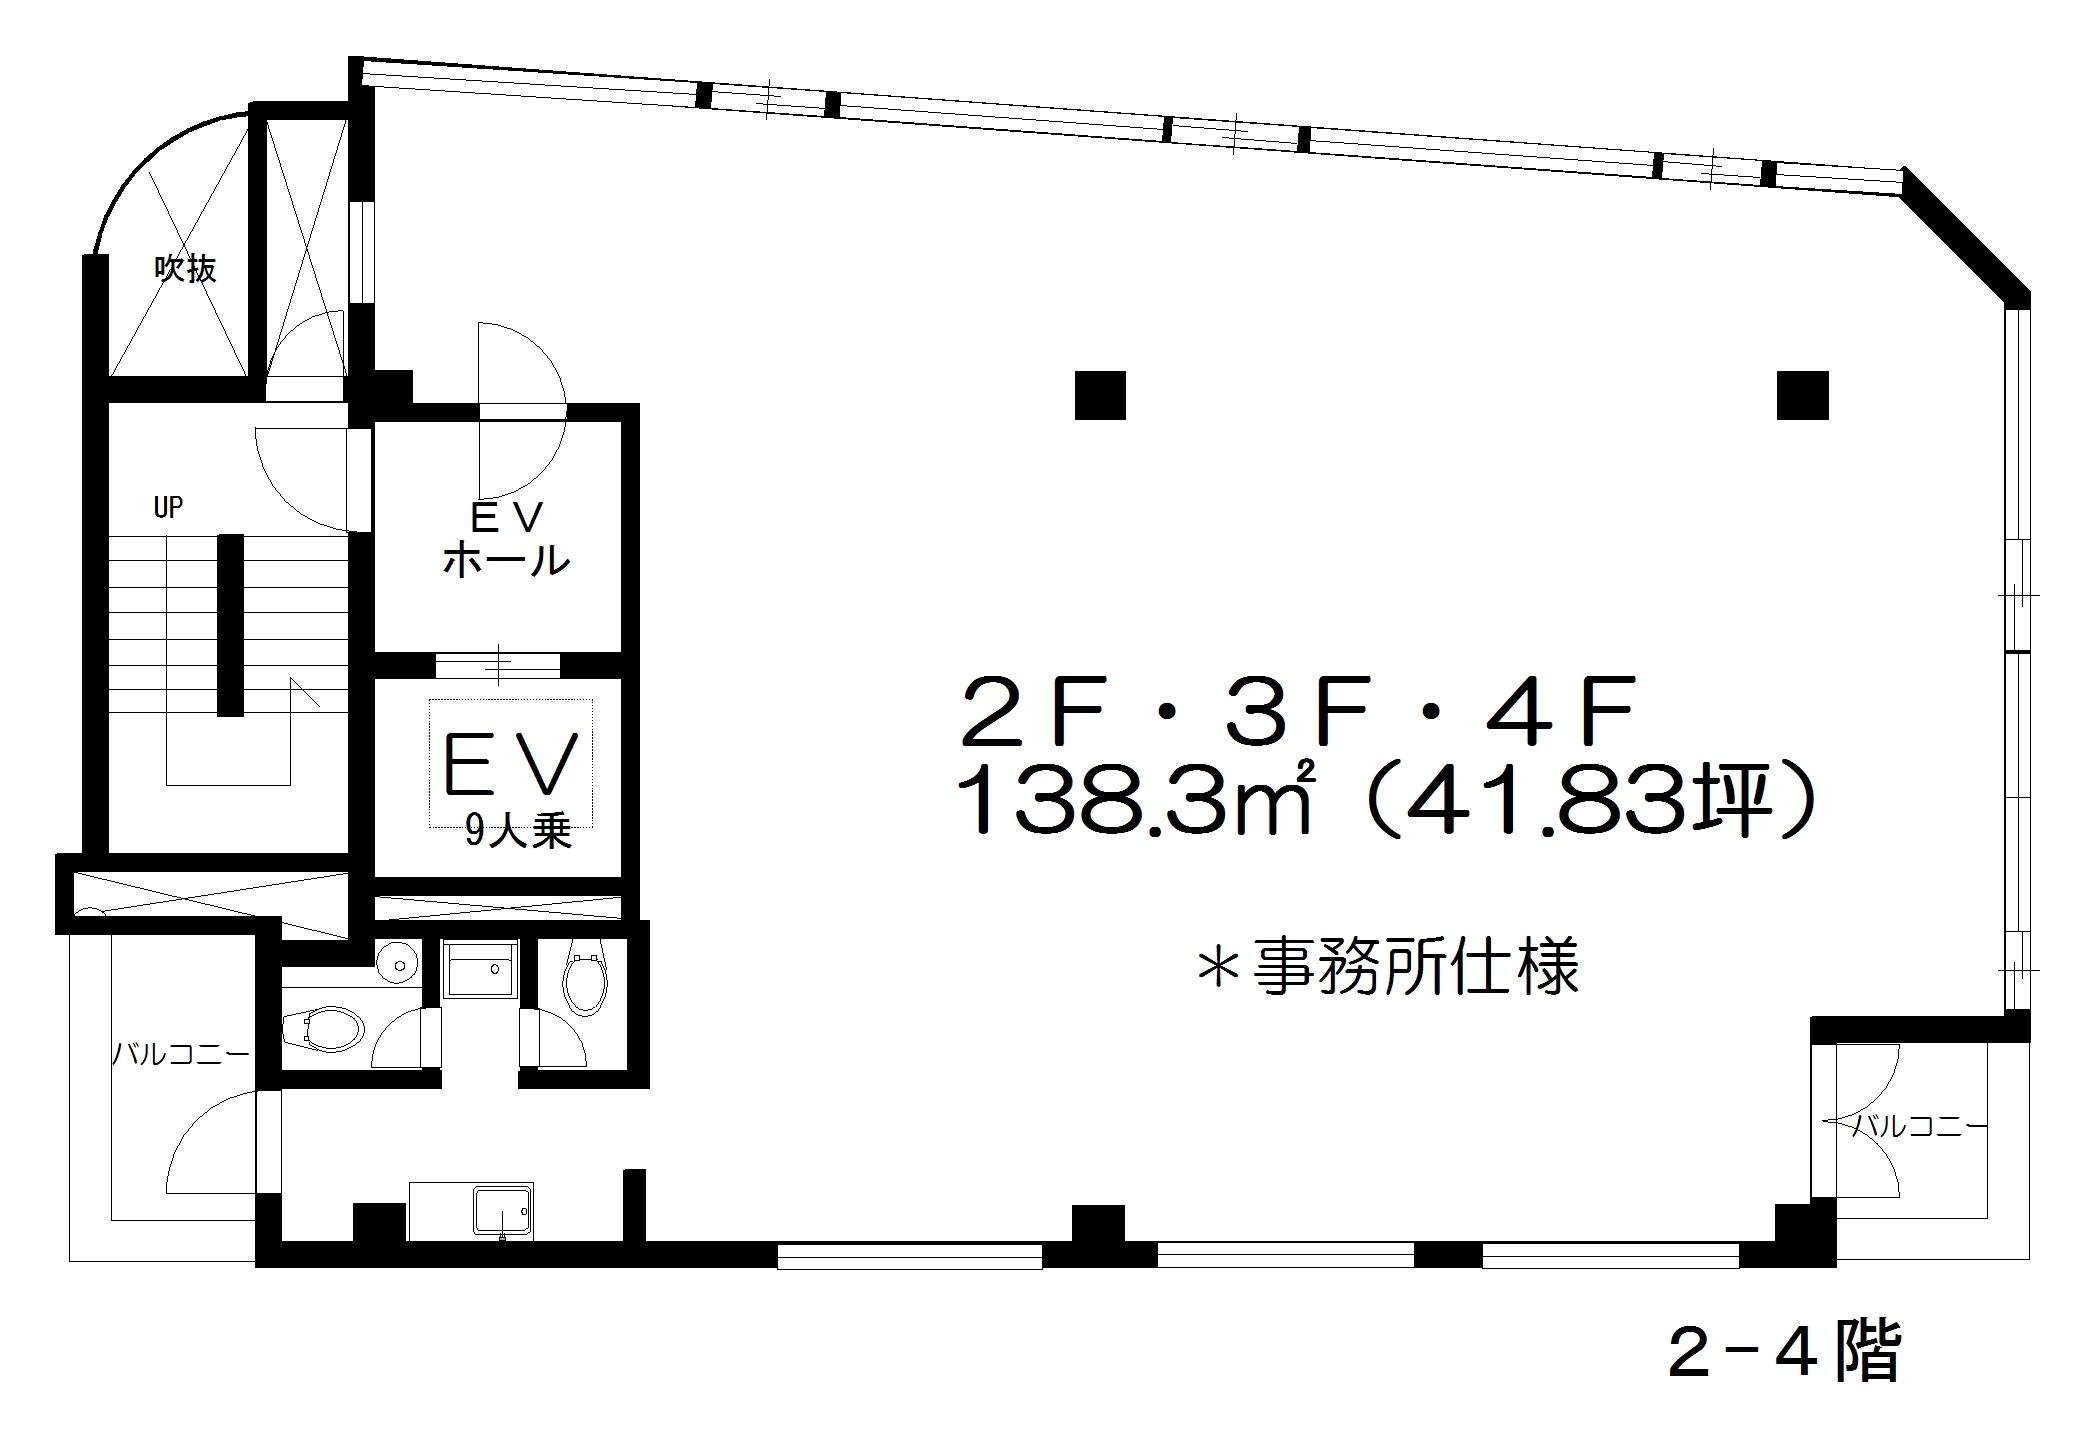 2-4F.jpg